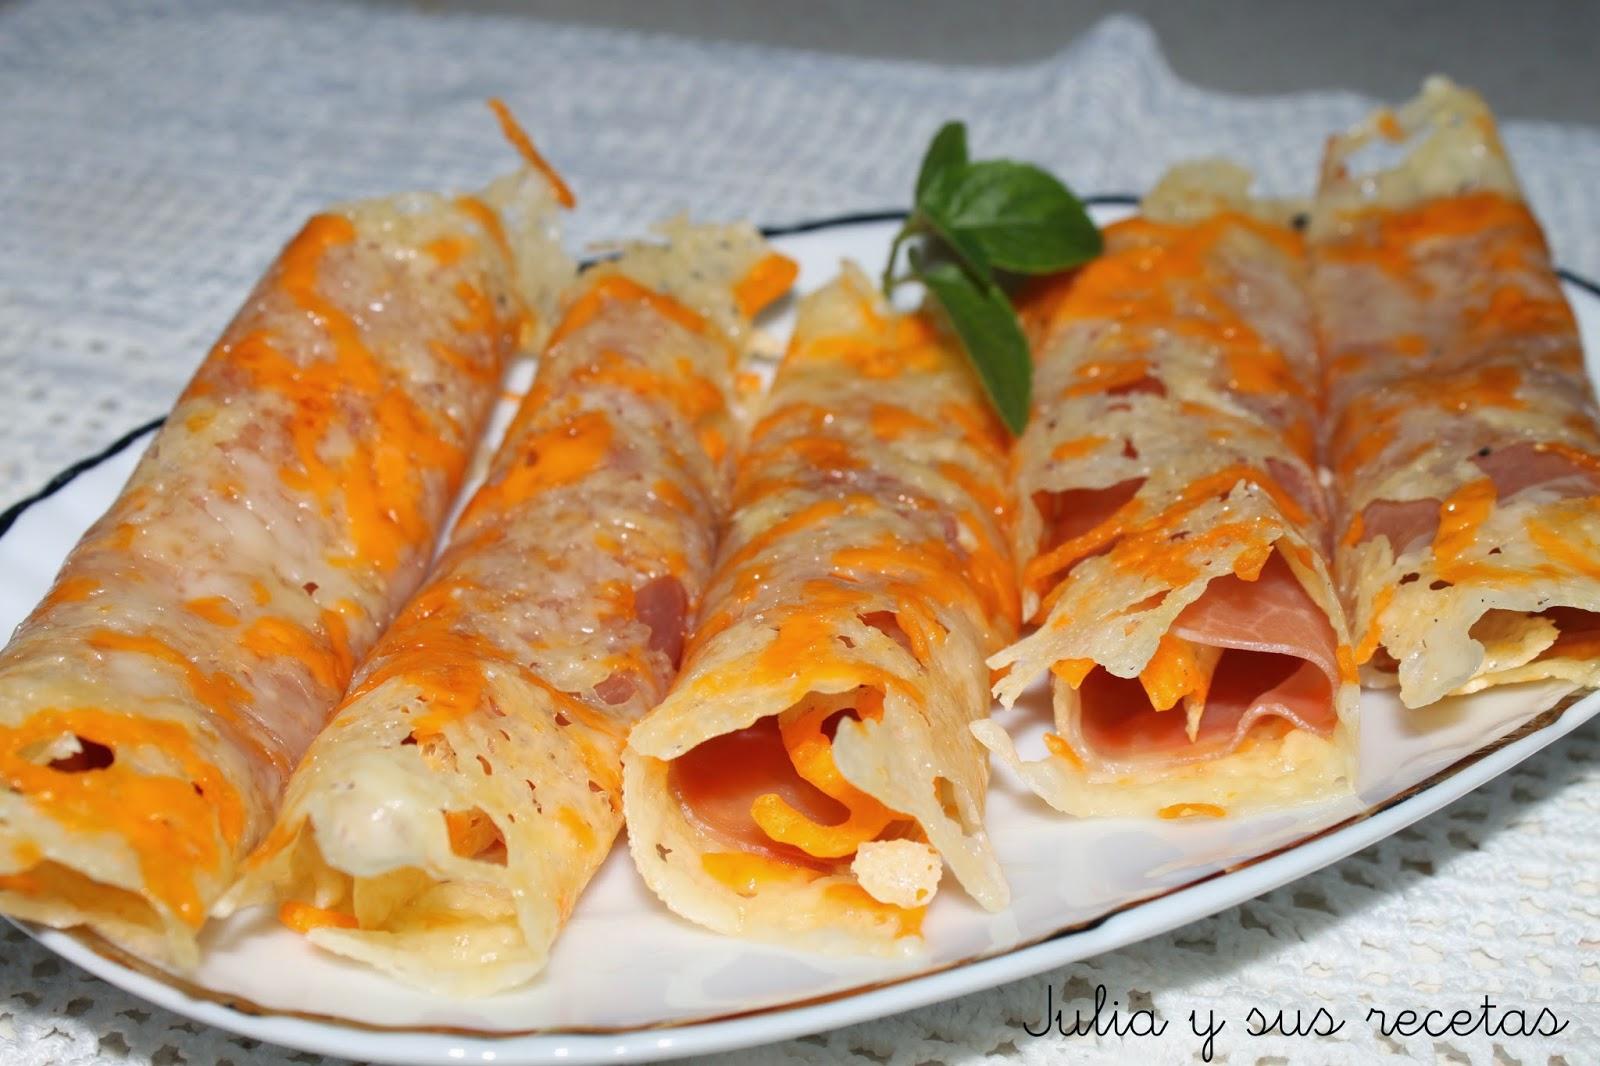 Crujientes de queso relleno de jamón serrano. Julia y sus recetas